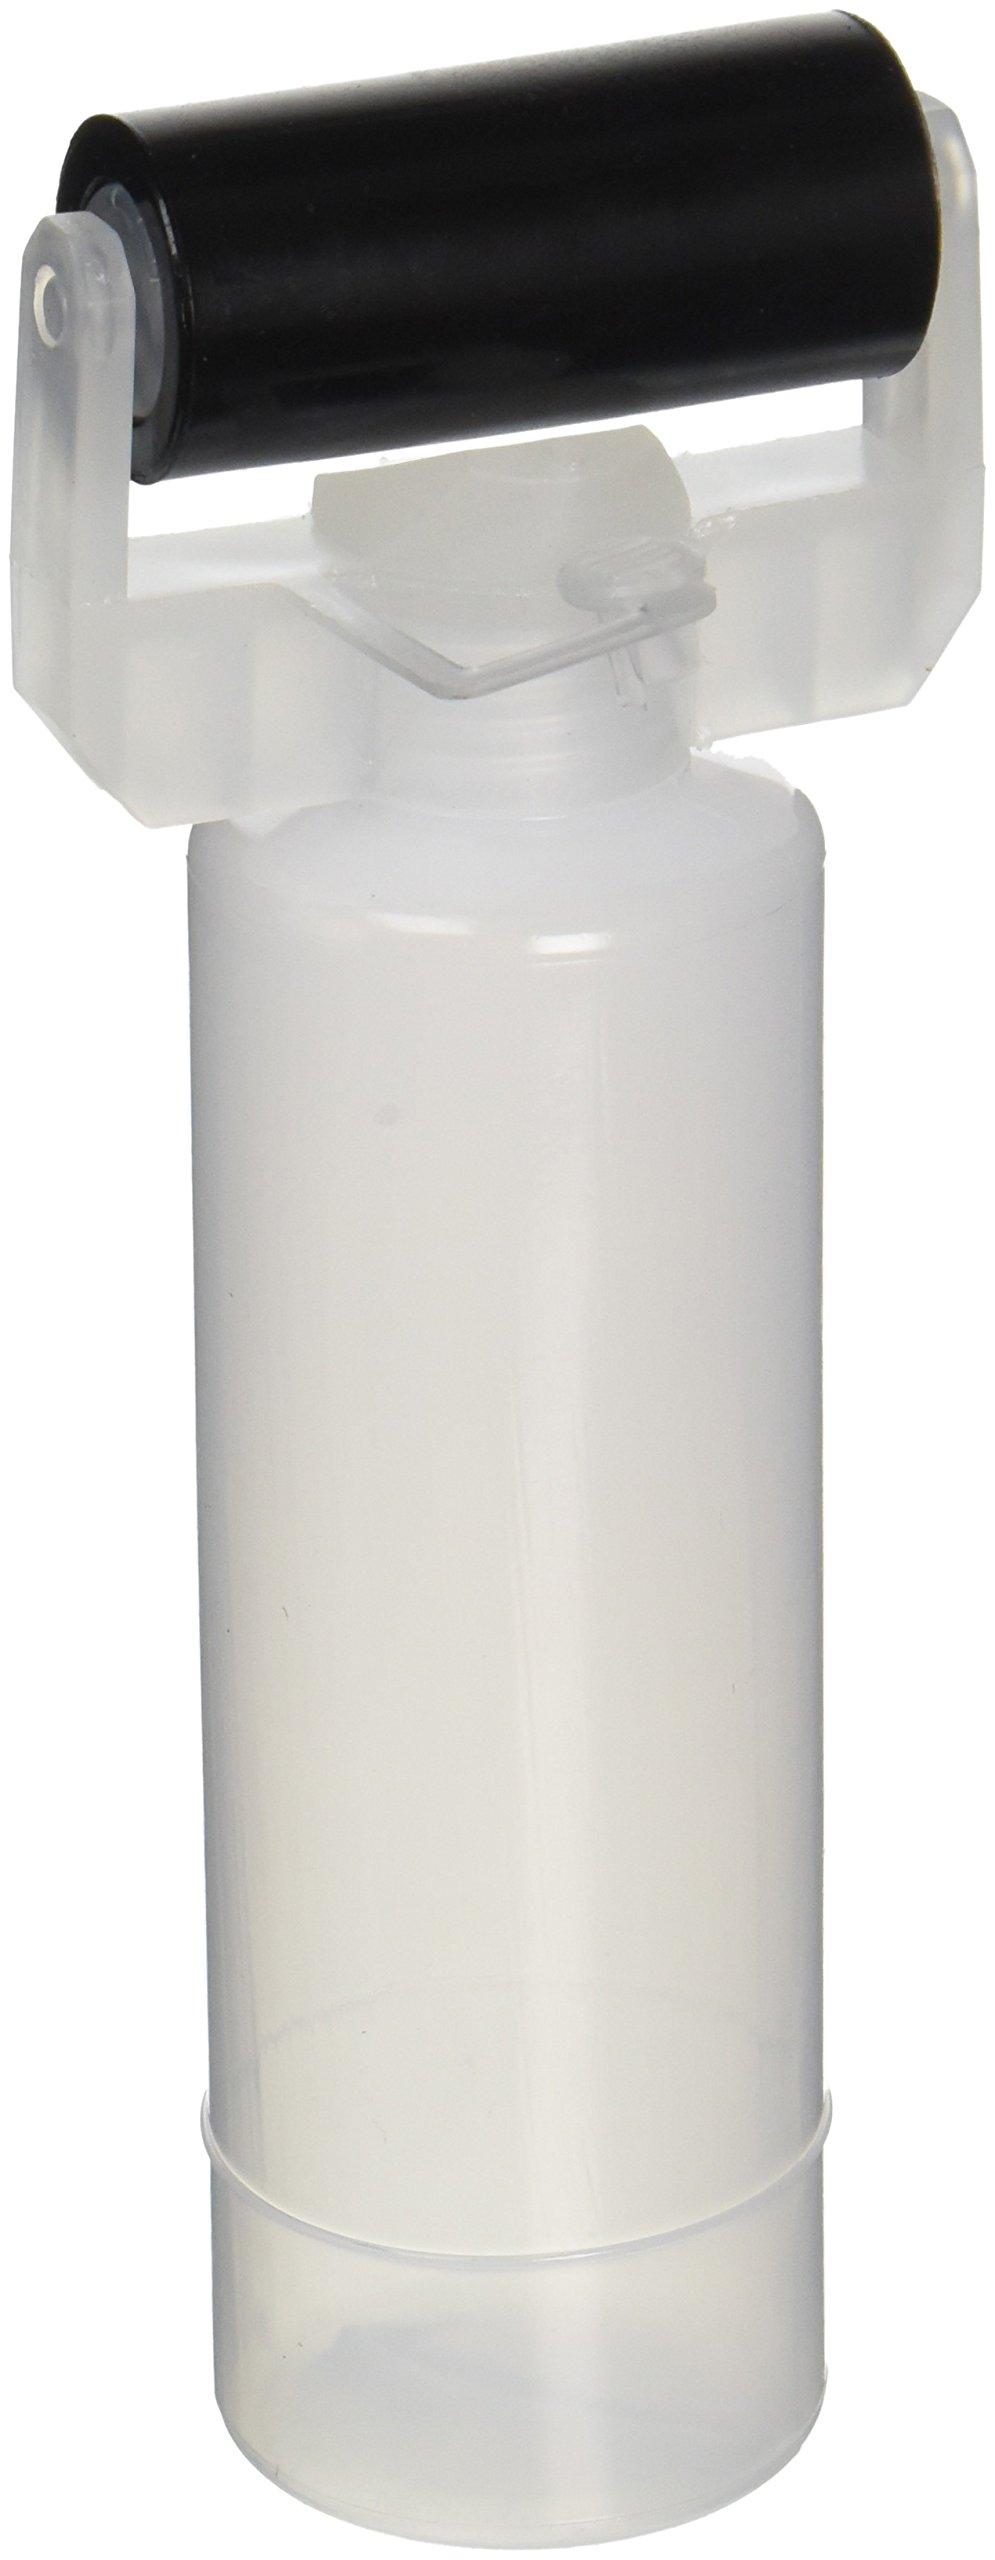 8oz Wood Glue Roller Bottle with 2-1/2'' Roller